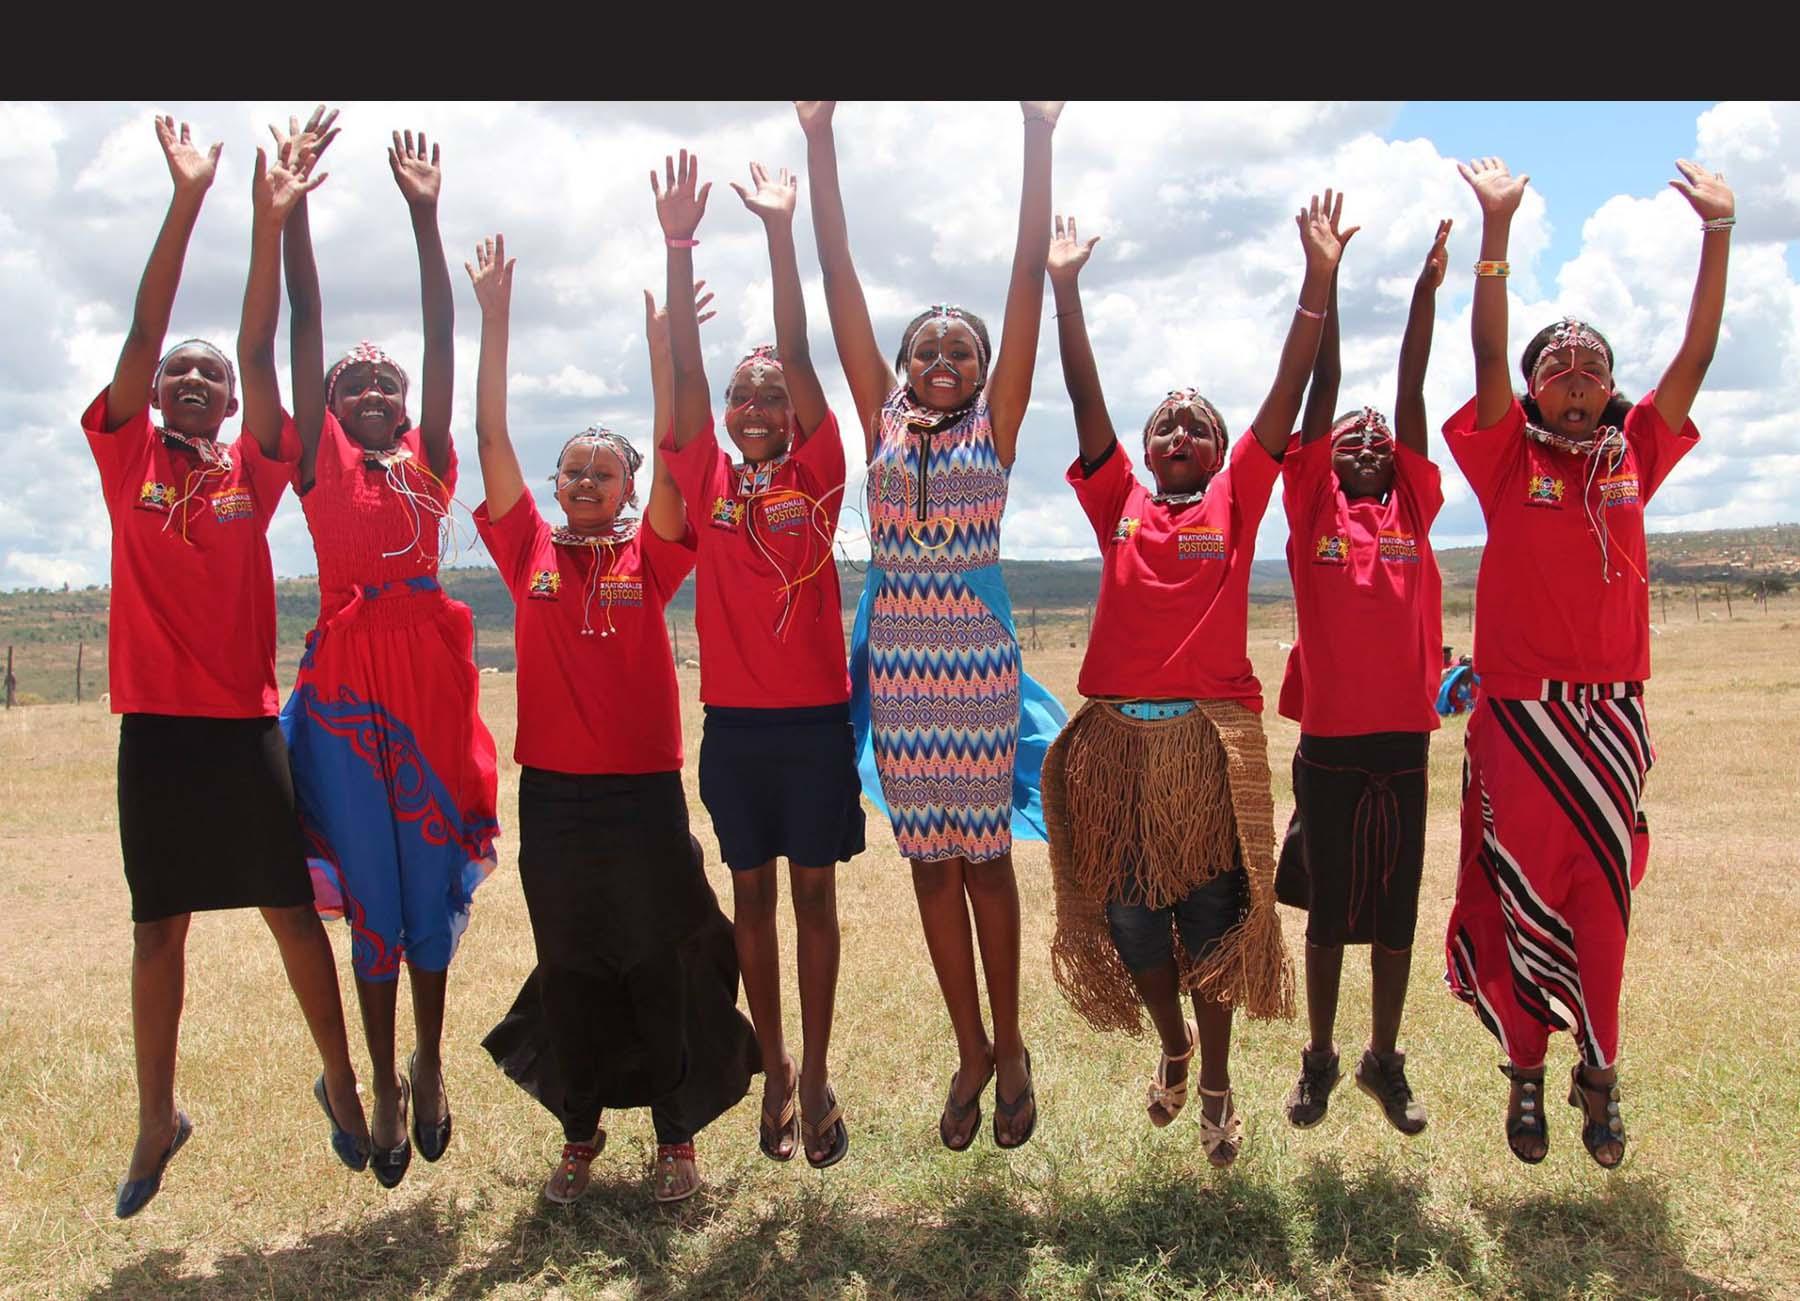 Hoppende glade barn i røde drakter strekker hendene mot himmelen svart strek øverst